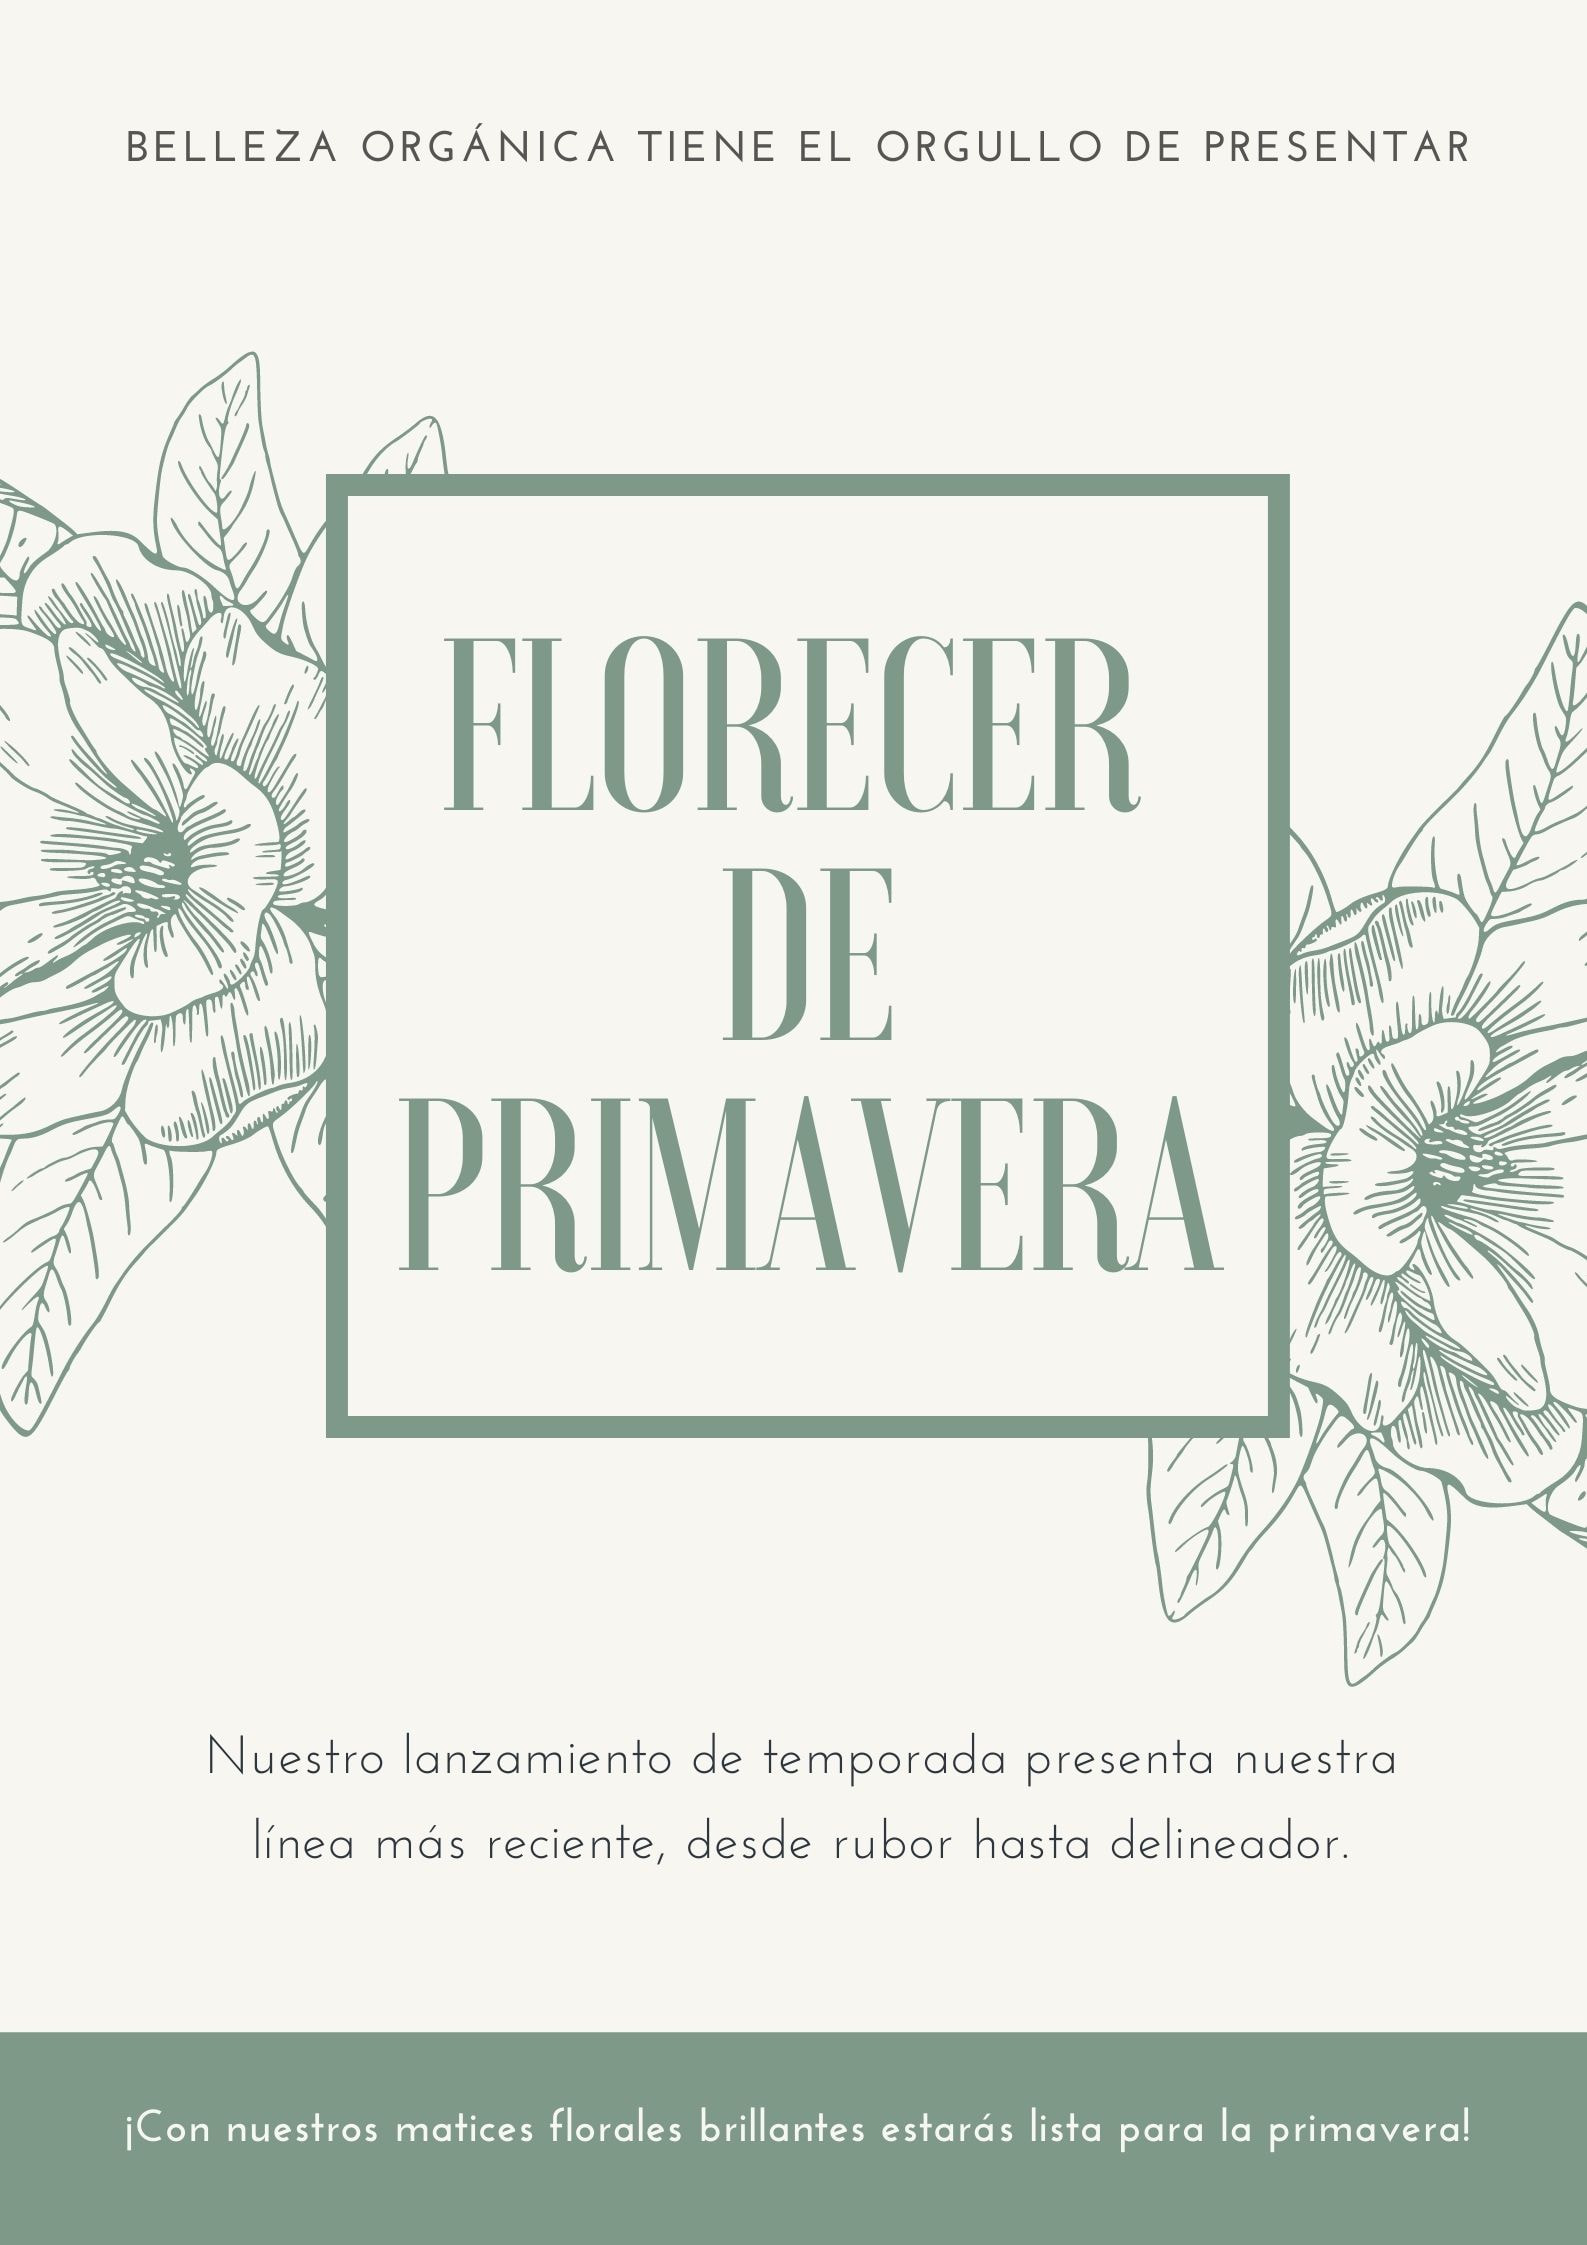 Póster de maquillaje y belleza orgánica ilustrado con flores en verde